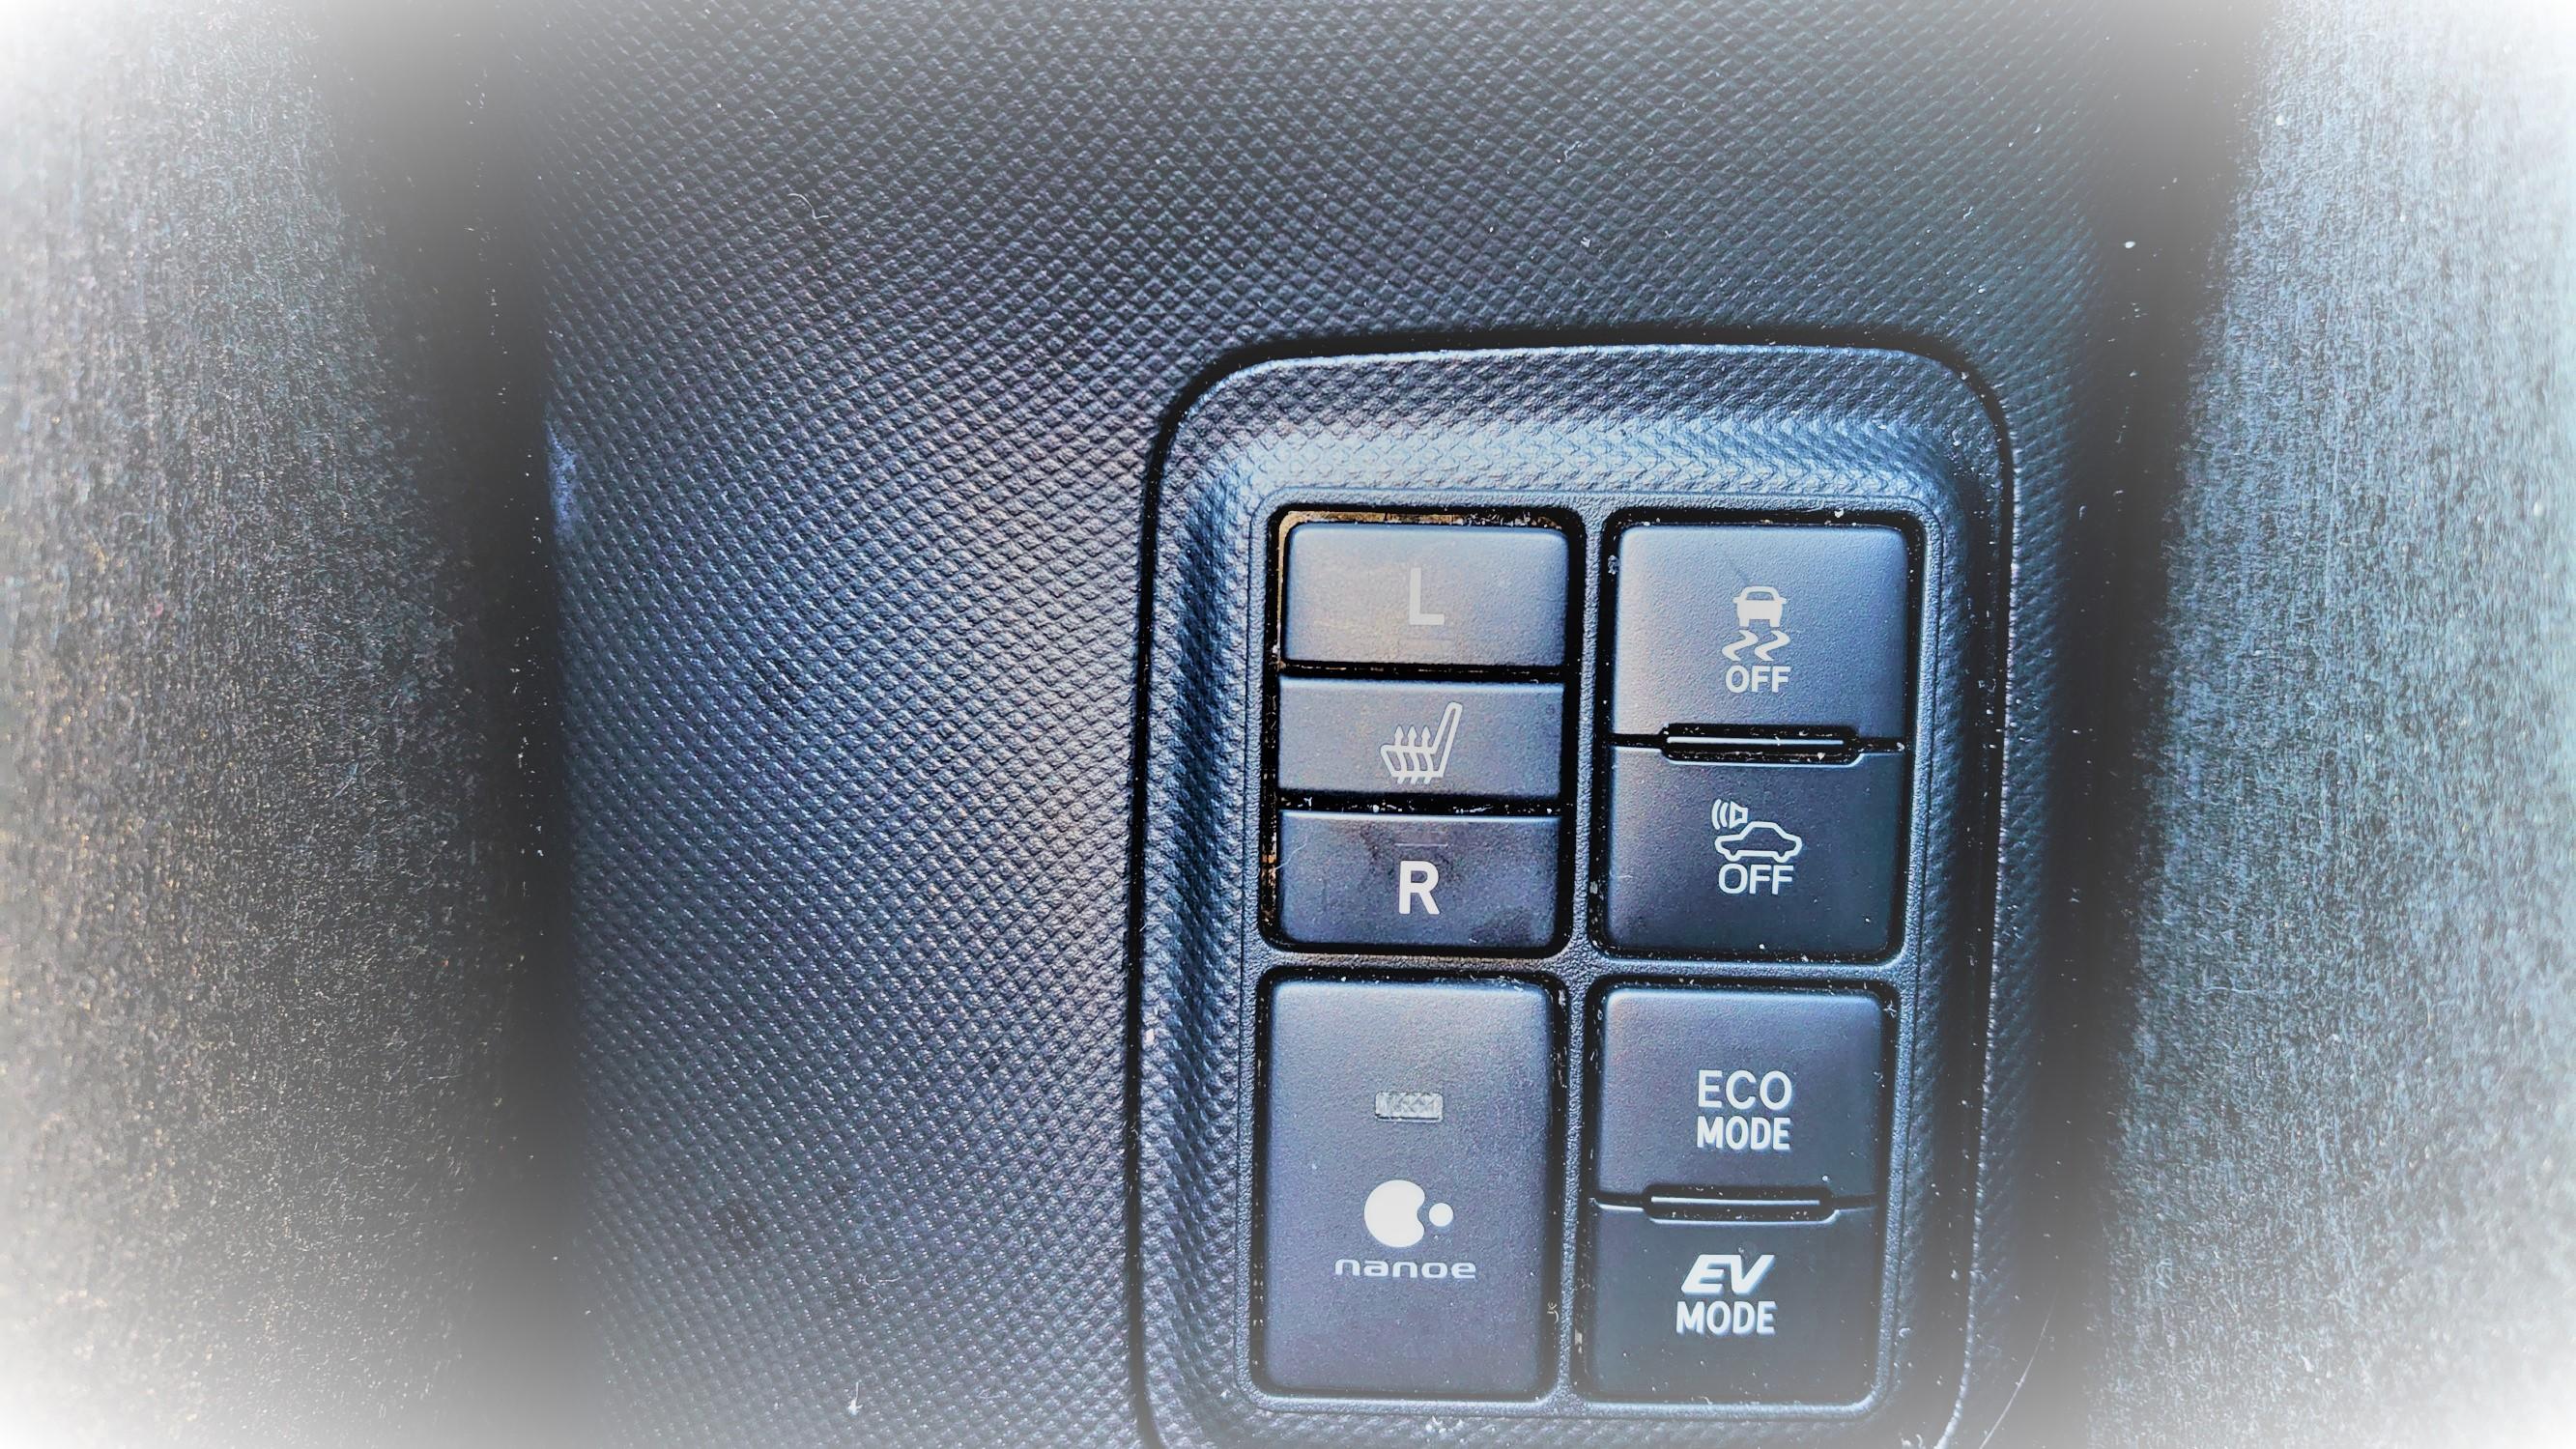 【車の豆知識】シートヒーターとは?あまり知られていないハイブリッドカーにシートヒーターが標準装備されている理由!